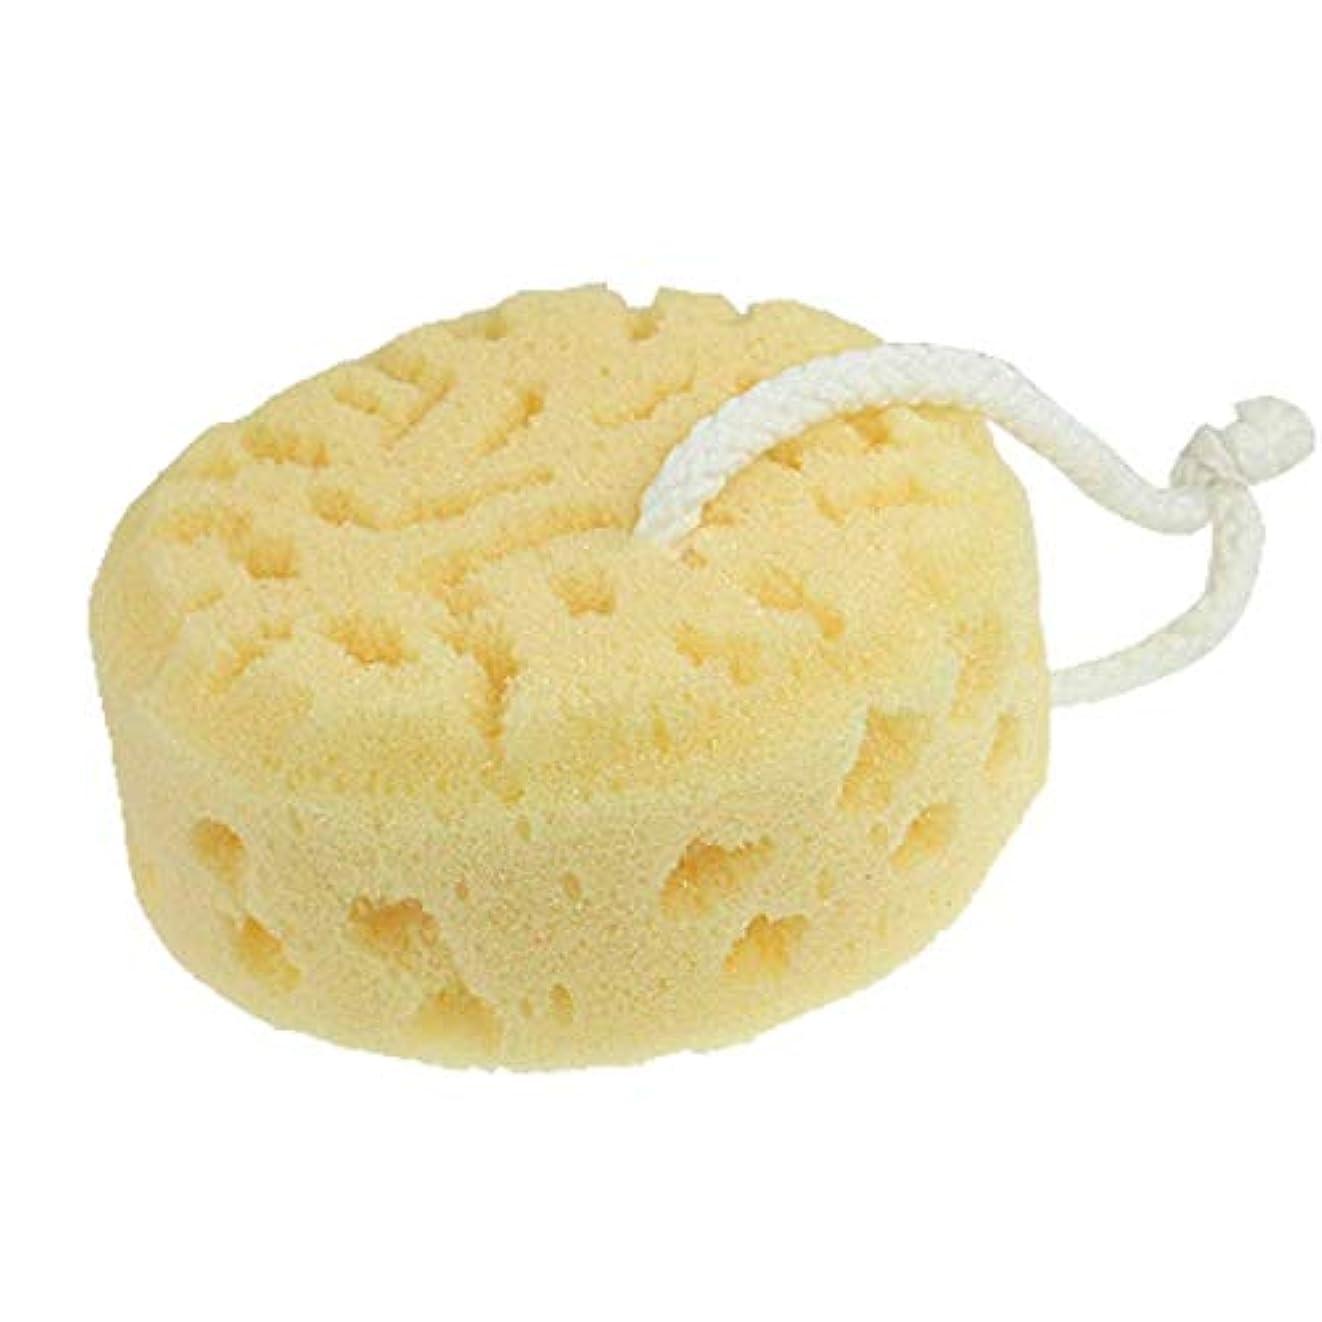 悲劇黄ばむぐるぐるUotyle ボディスポンジ 泡立ち ふわふわ お風呂用 ボディ用ブラシ 肌にやさしい 浴用スポンジ